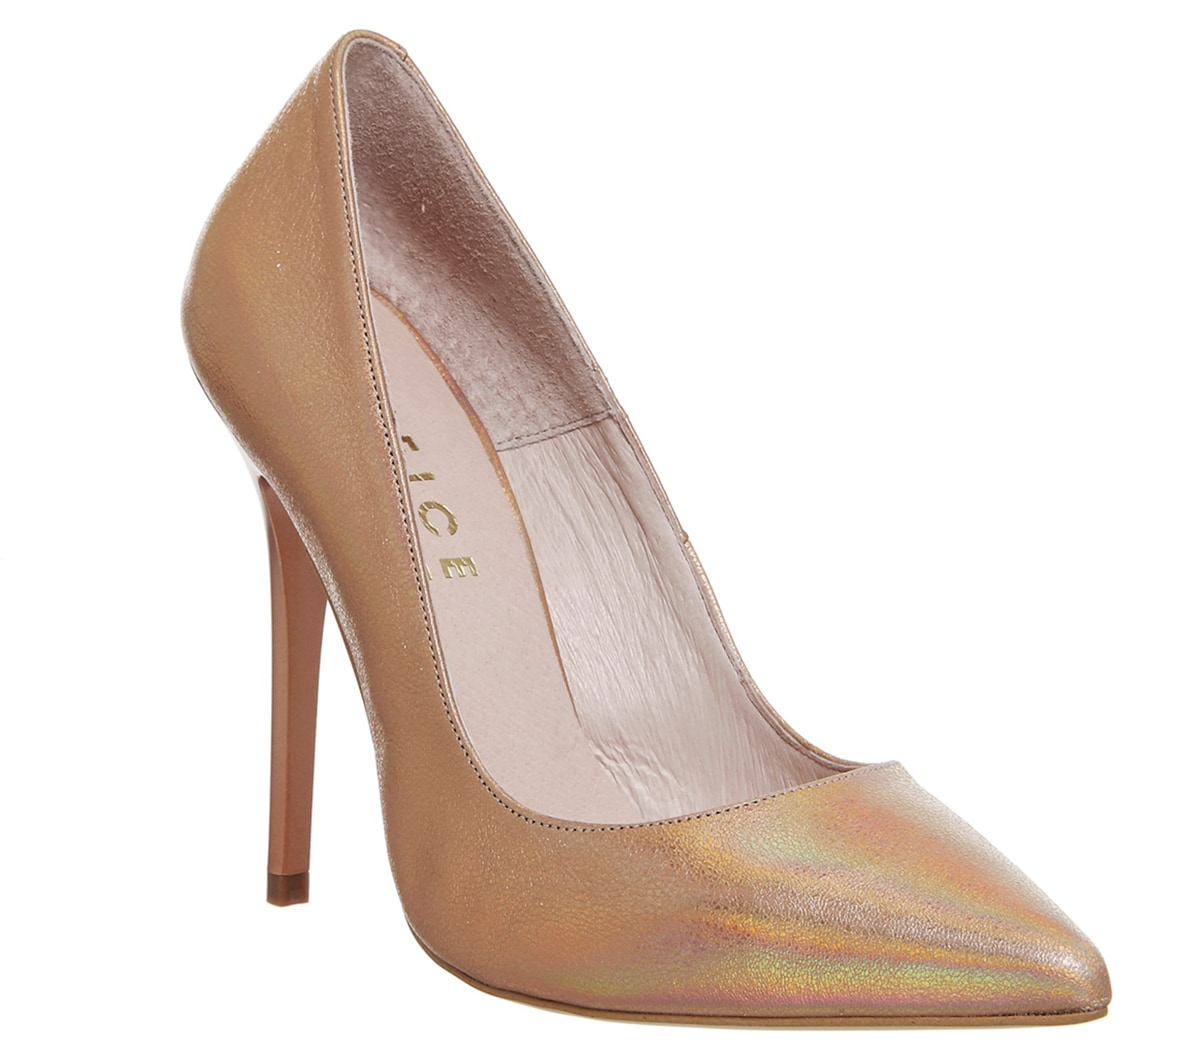 Mujer-Office-a-Punto-Zapatillas-Oro-Rosa-Metalizado-Tacones